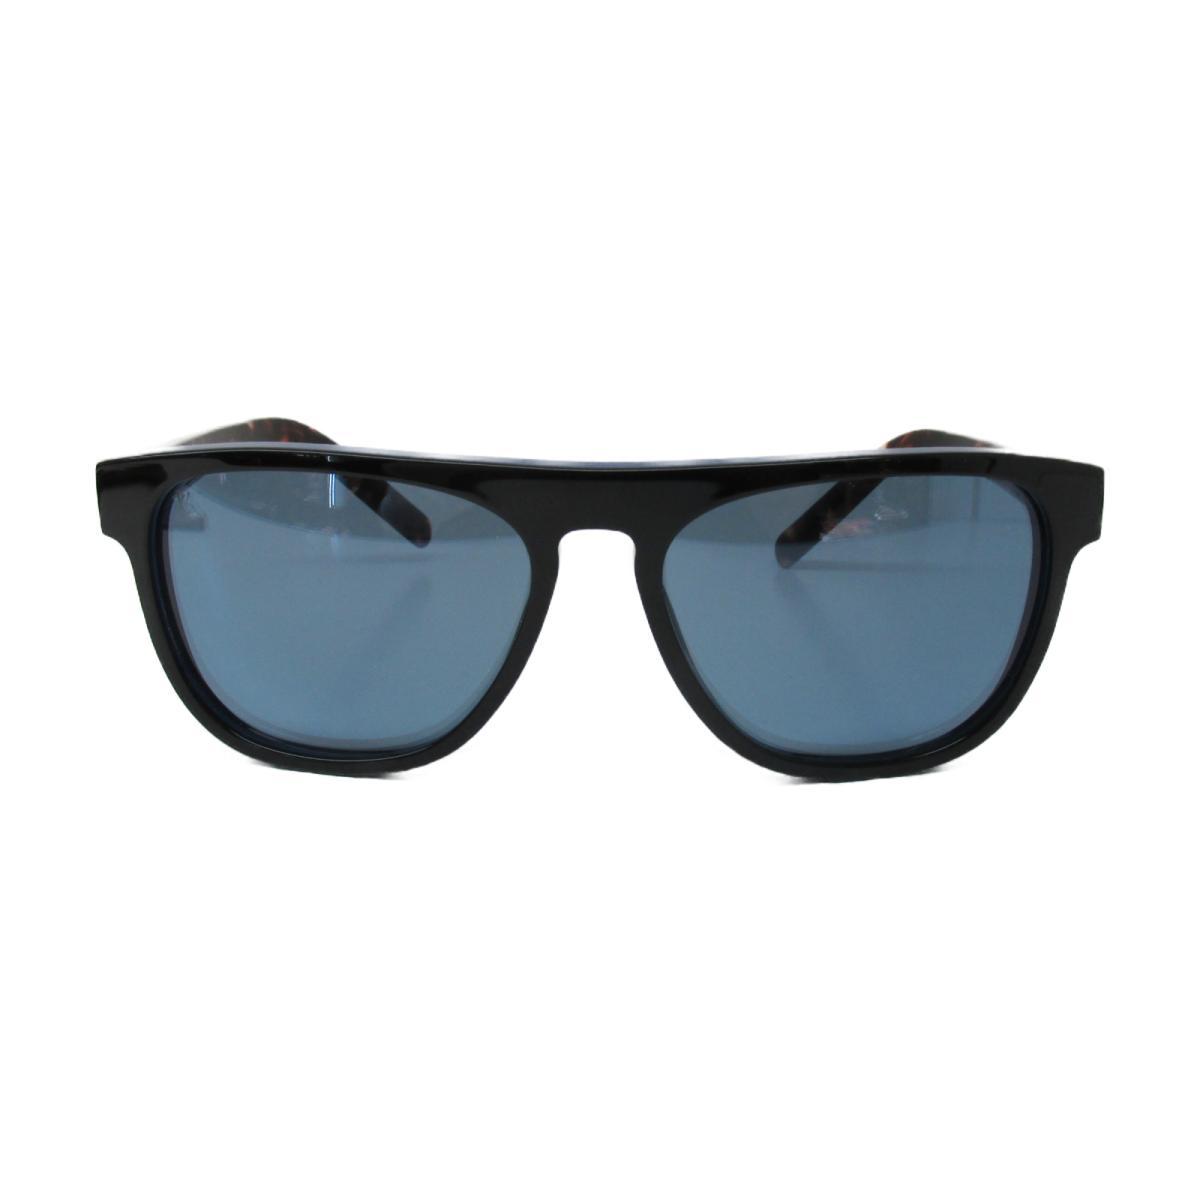 ルイヴィトン サングラス その他 メンズ レディース プラスチック ブラック×ネイビー (Z0792E) 【中古】   LOUIS VUITTON BRANDOFF ブランドオフ ヴィトン ビトン ルイ・ヴィトン ブランド ブランド雑貨 小物 雑貨 眼鏡 メガネ めがね